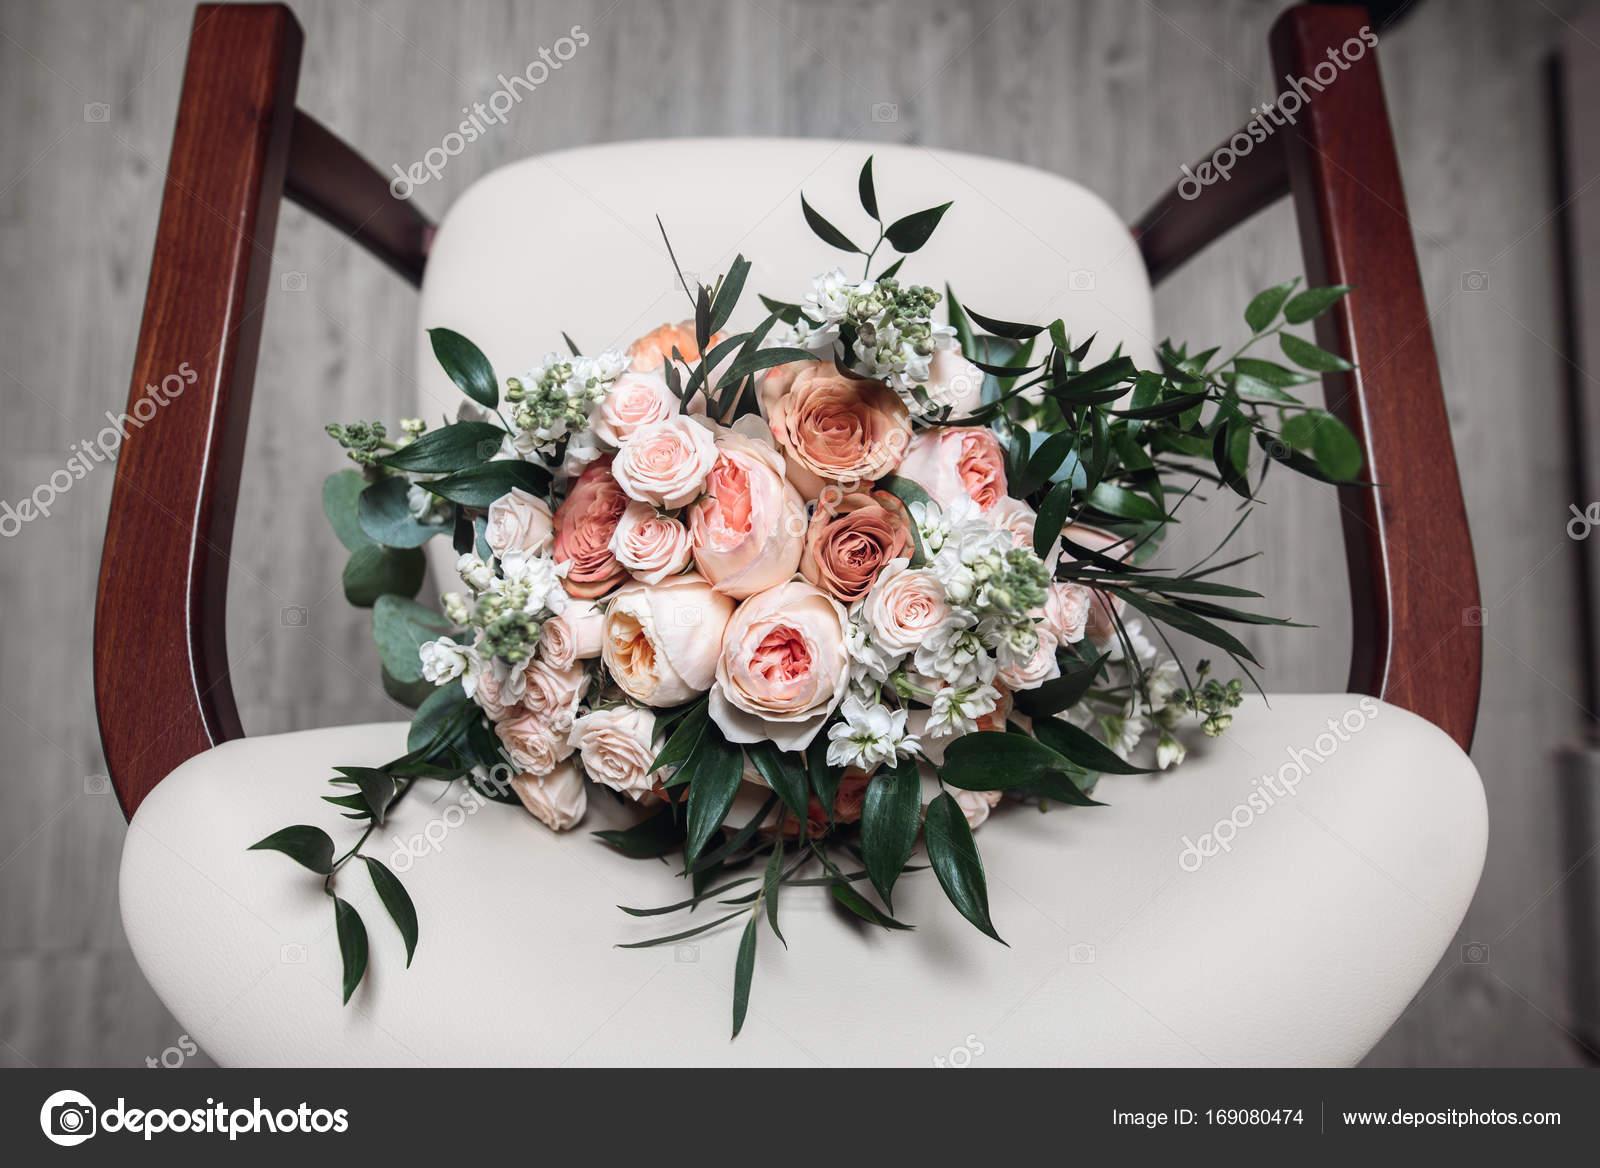 Hochzeitsblumen Auf Dem Stuhl Stockfoto C Vadympastukh 169080474